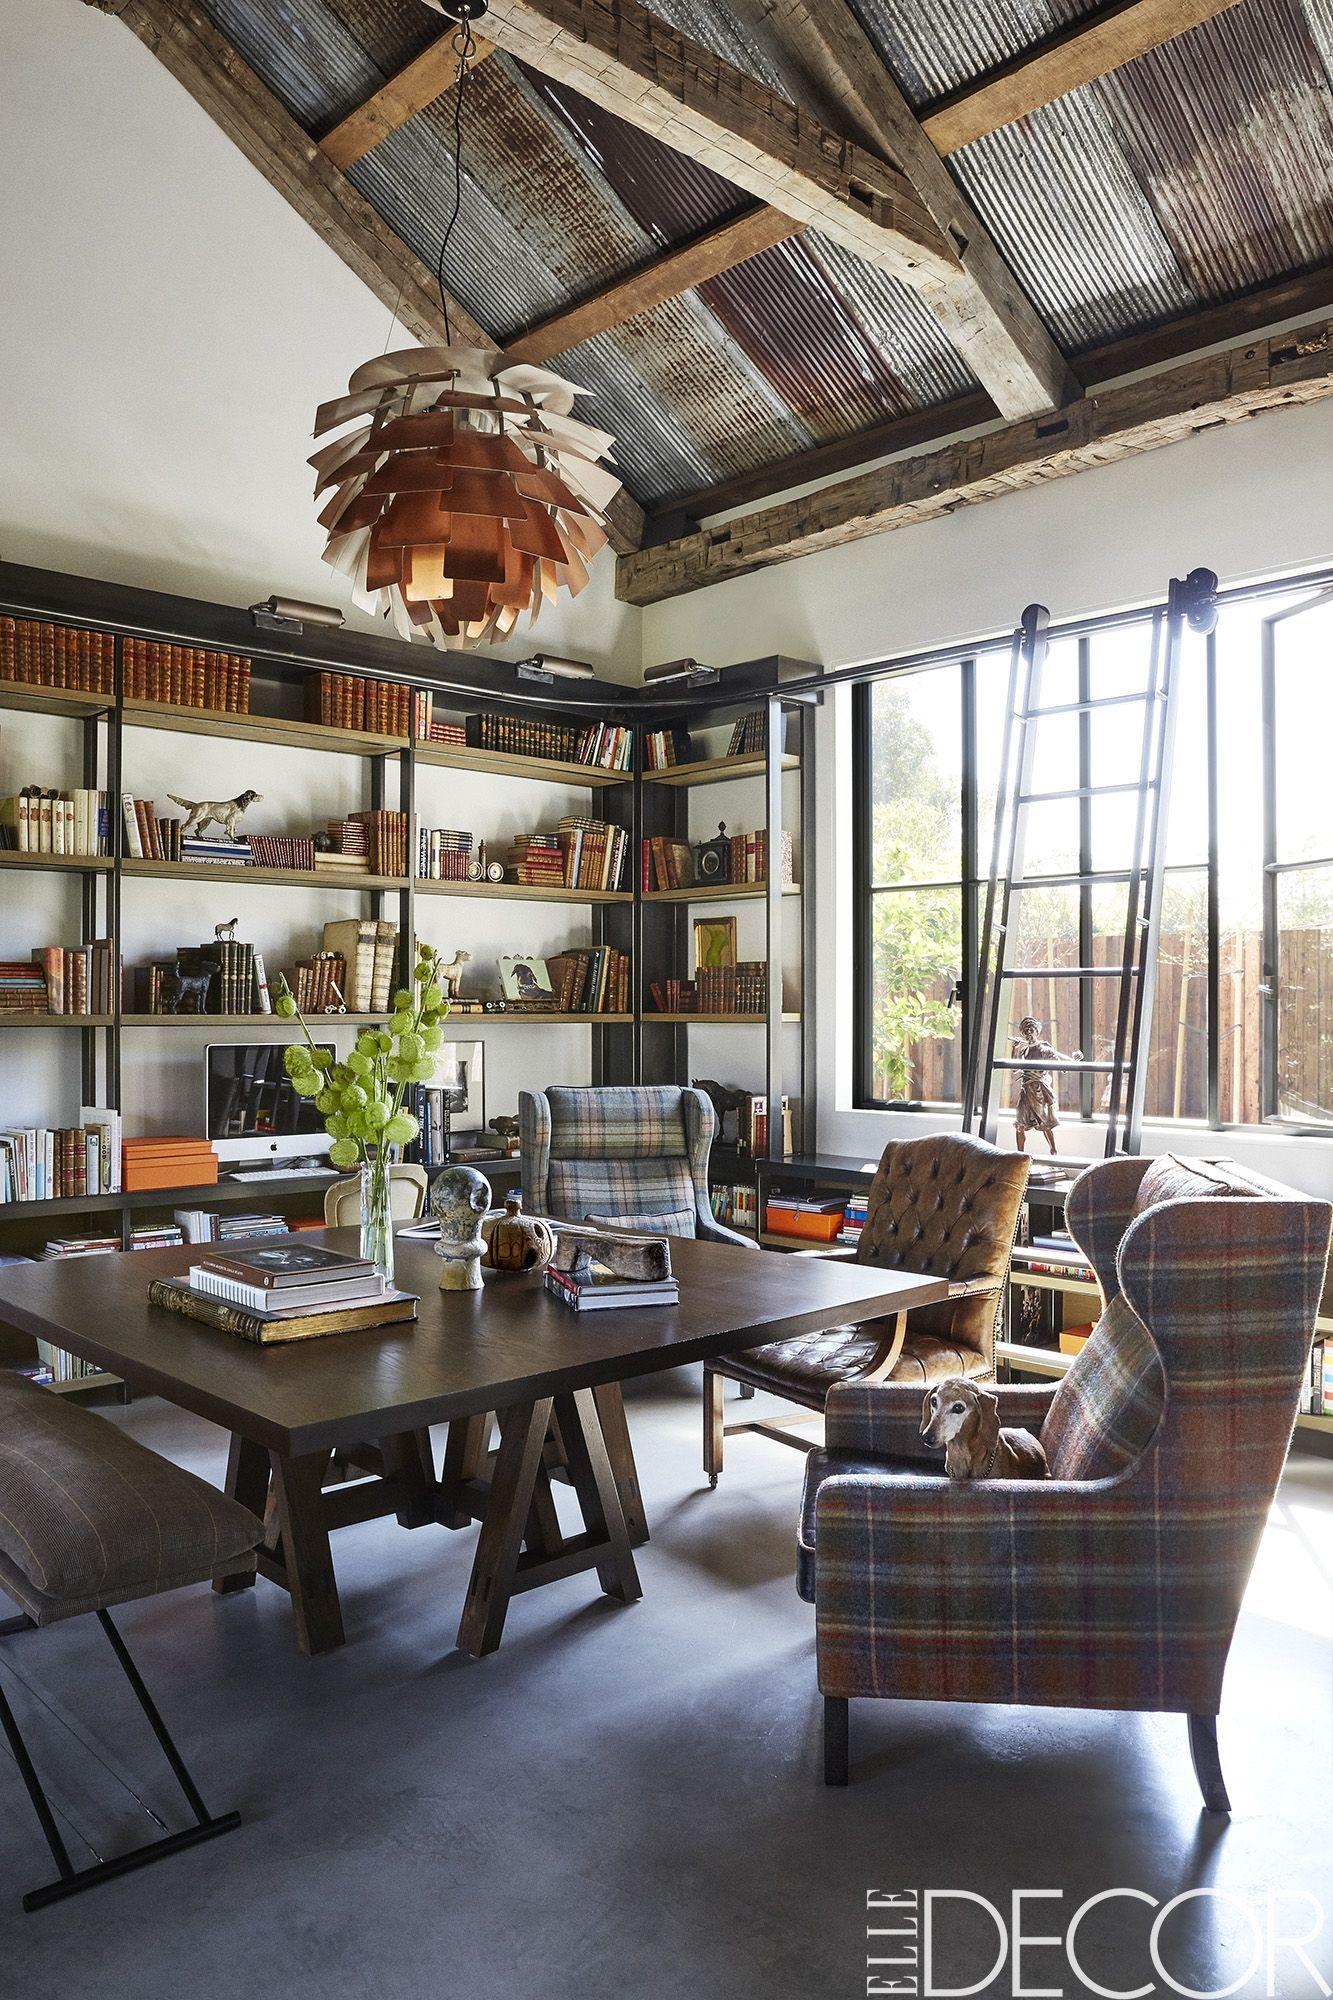 20 Modern Farmhouse Decor Ideas Contemporary Farmhouse Style Interior Design